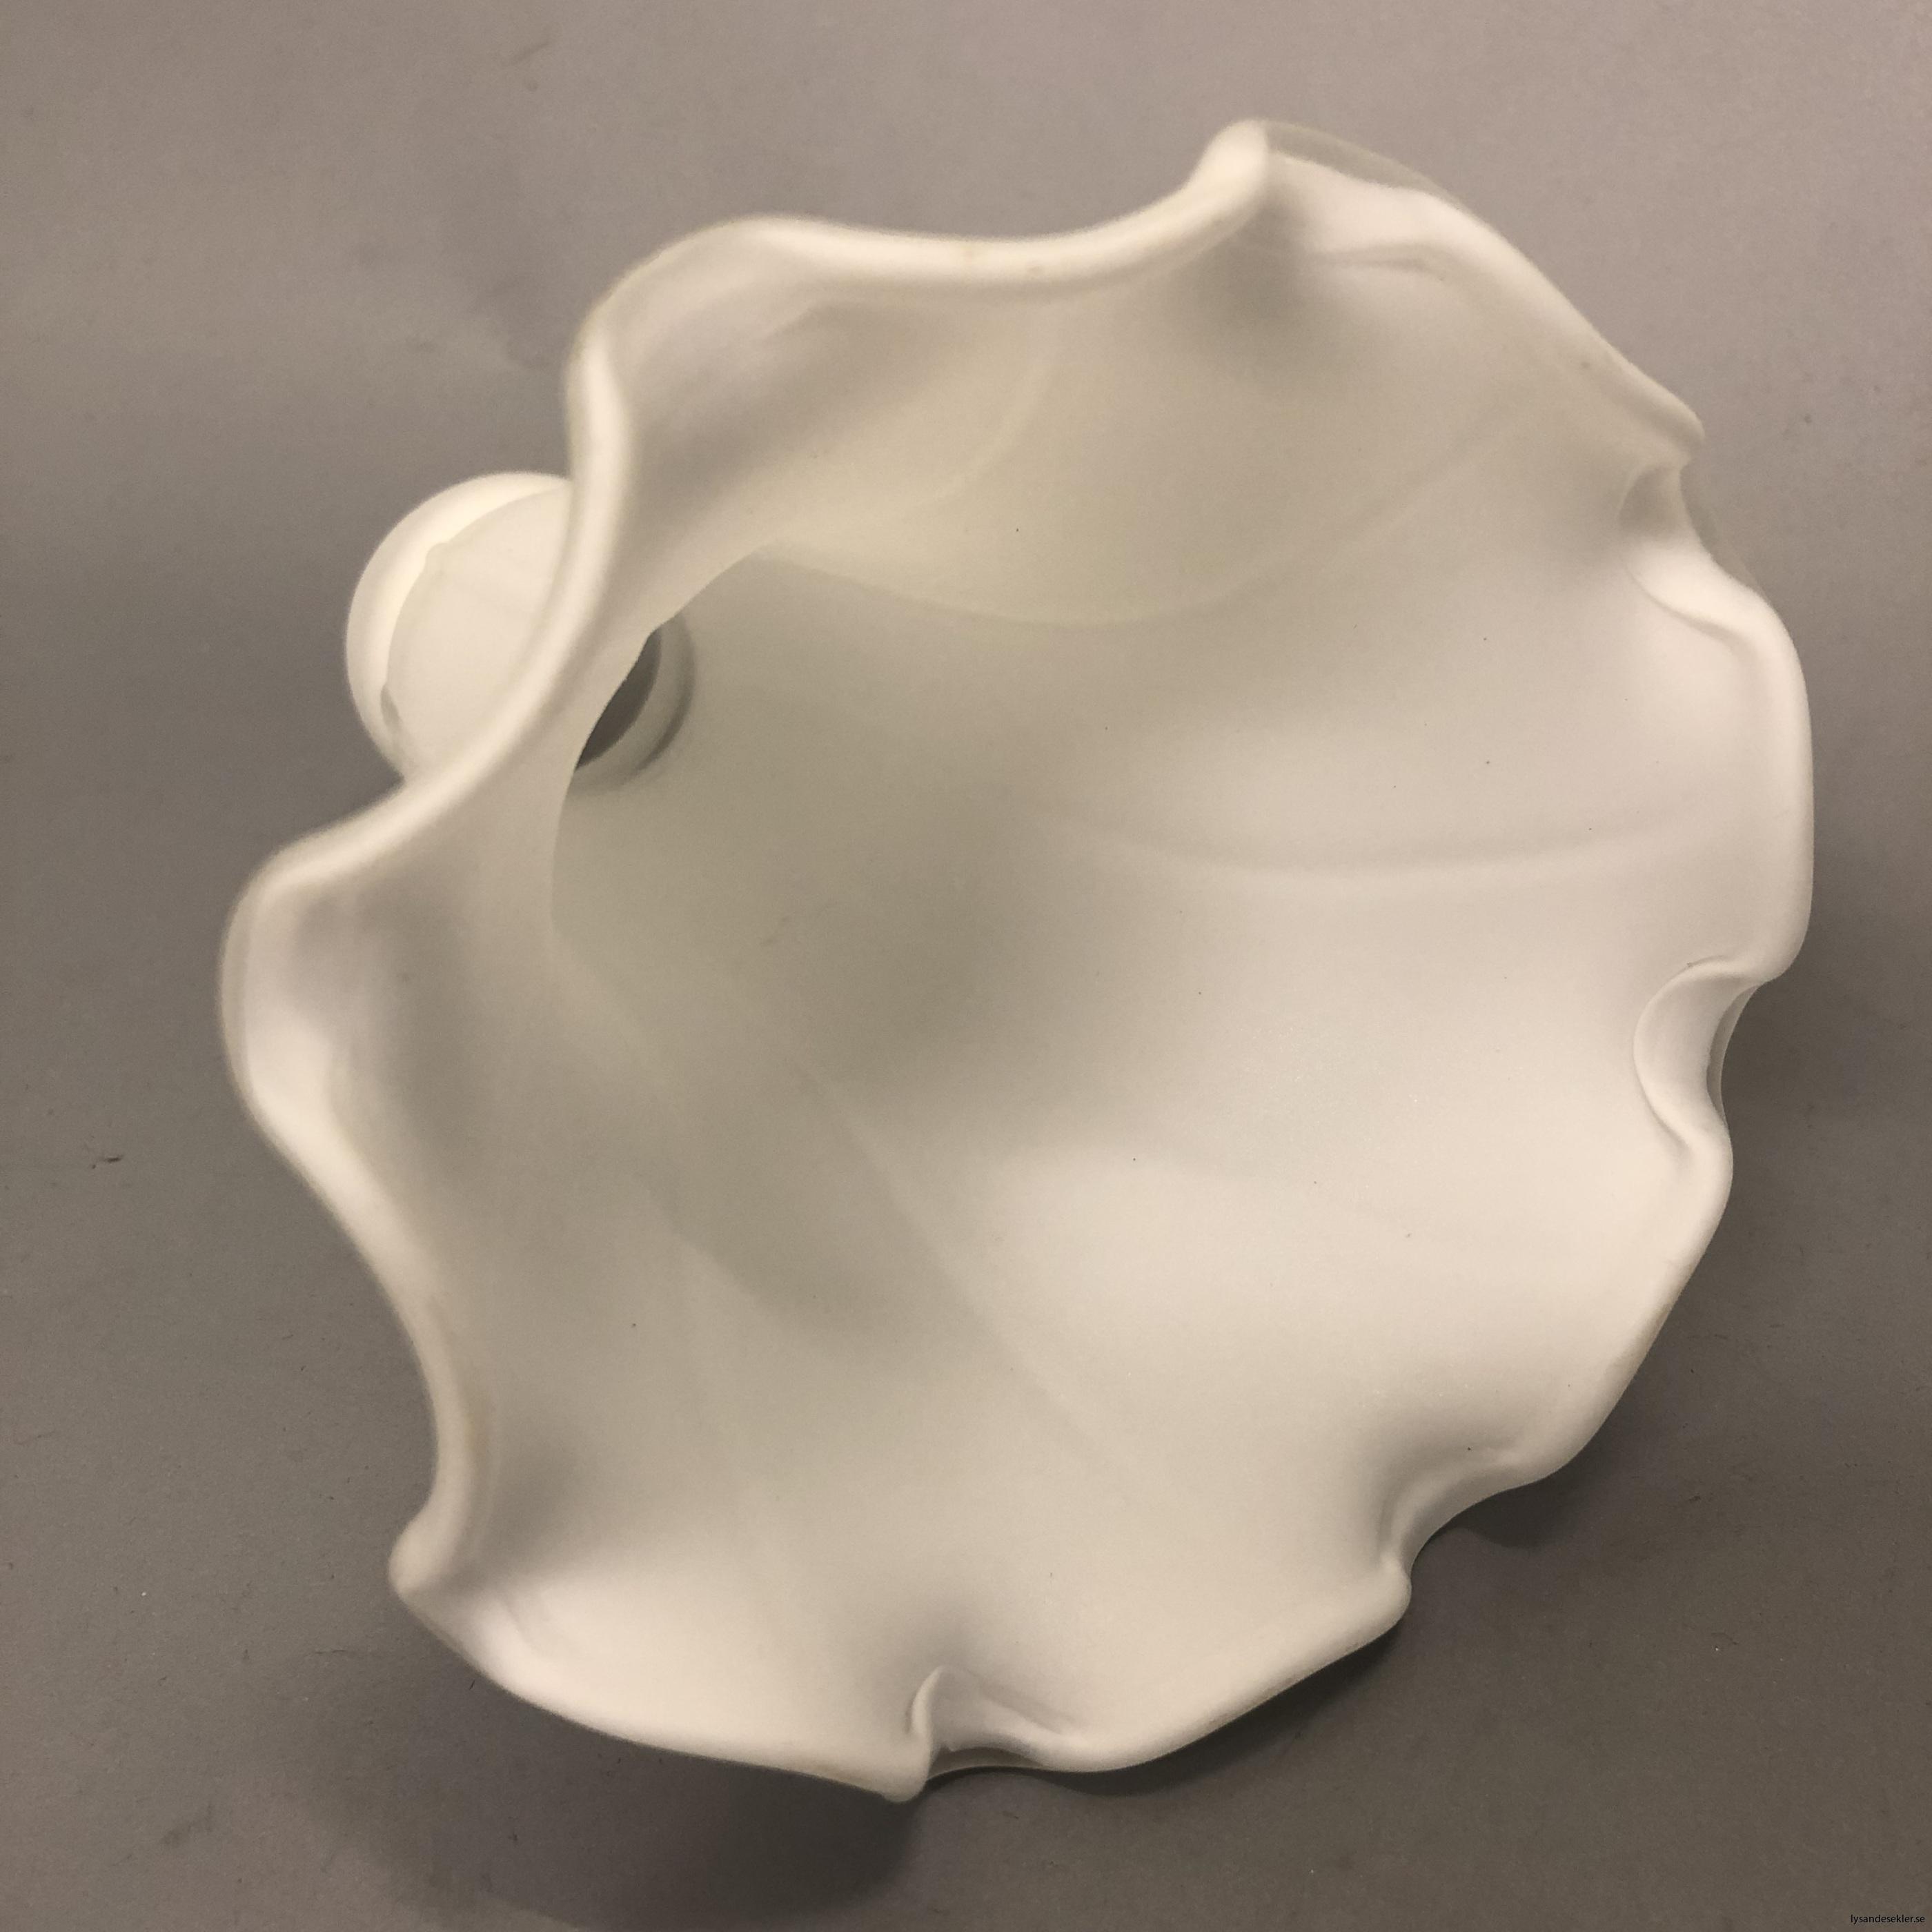 liljan matt vit kupa 40 mm upptill4